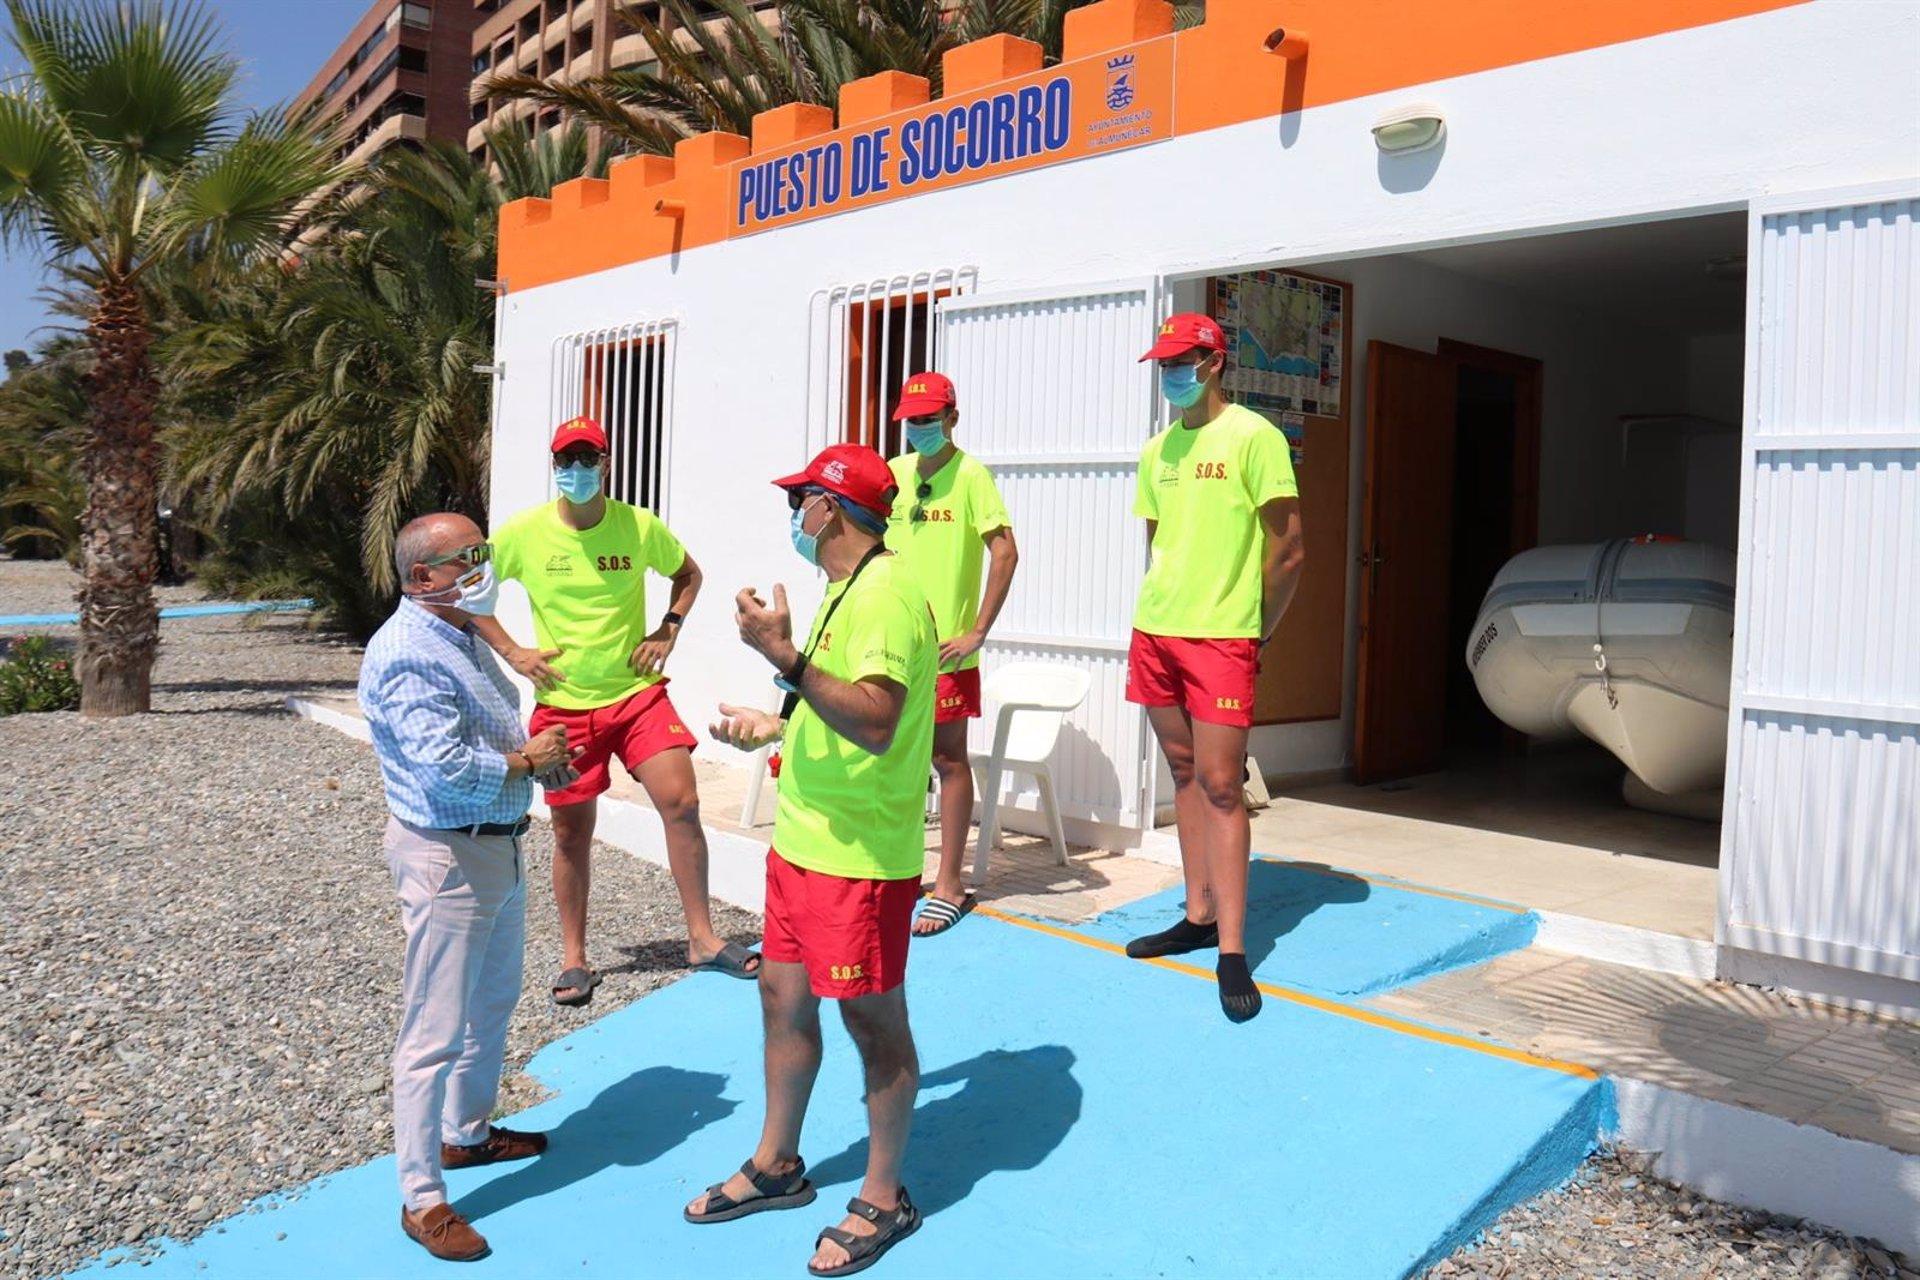 Los puestos de socorro de las playas de Almuñécar suman 785 actuaciones este verano